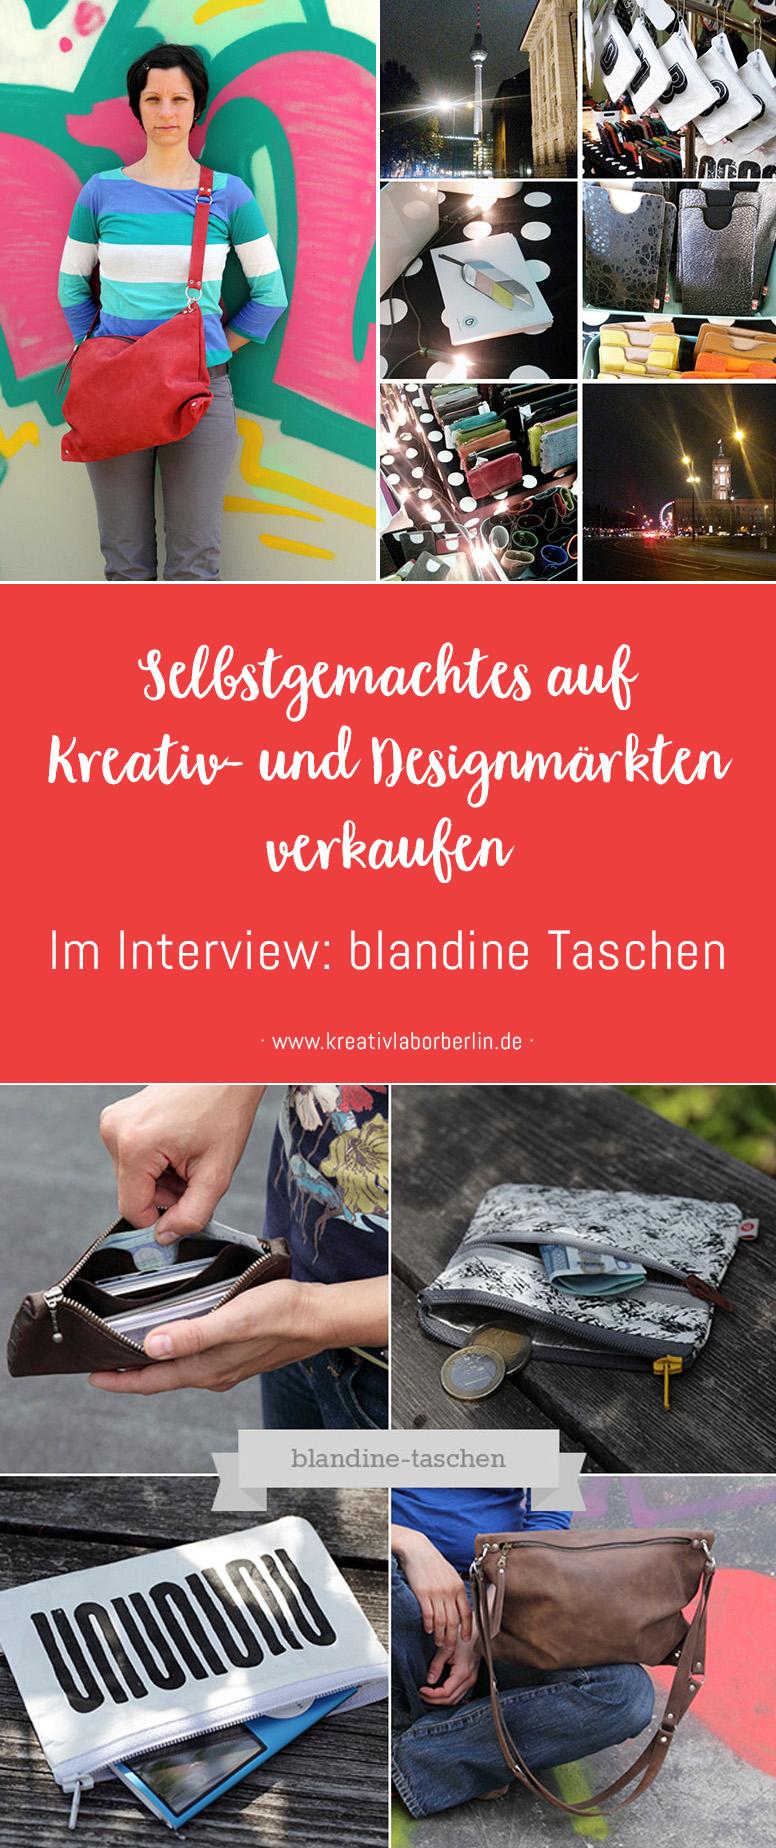 Selbstgemachtes auf Kreativ- und Designmärkten verkaufen: blandine Taschen